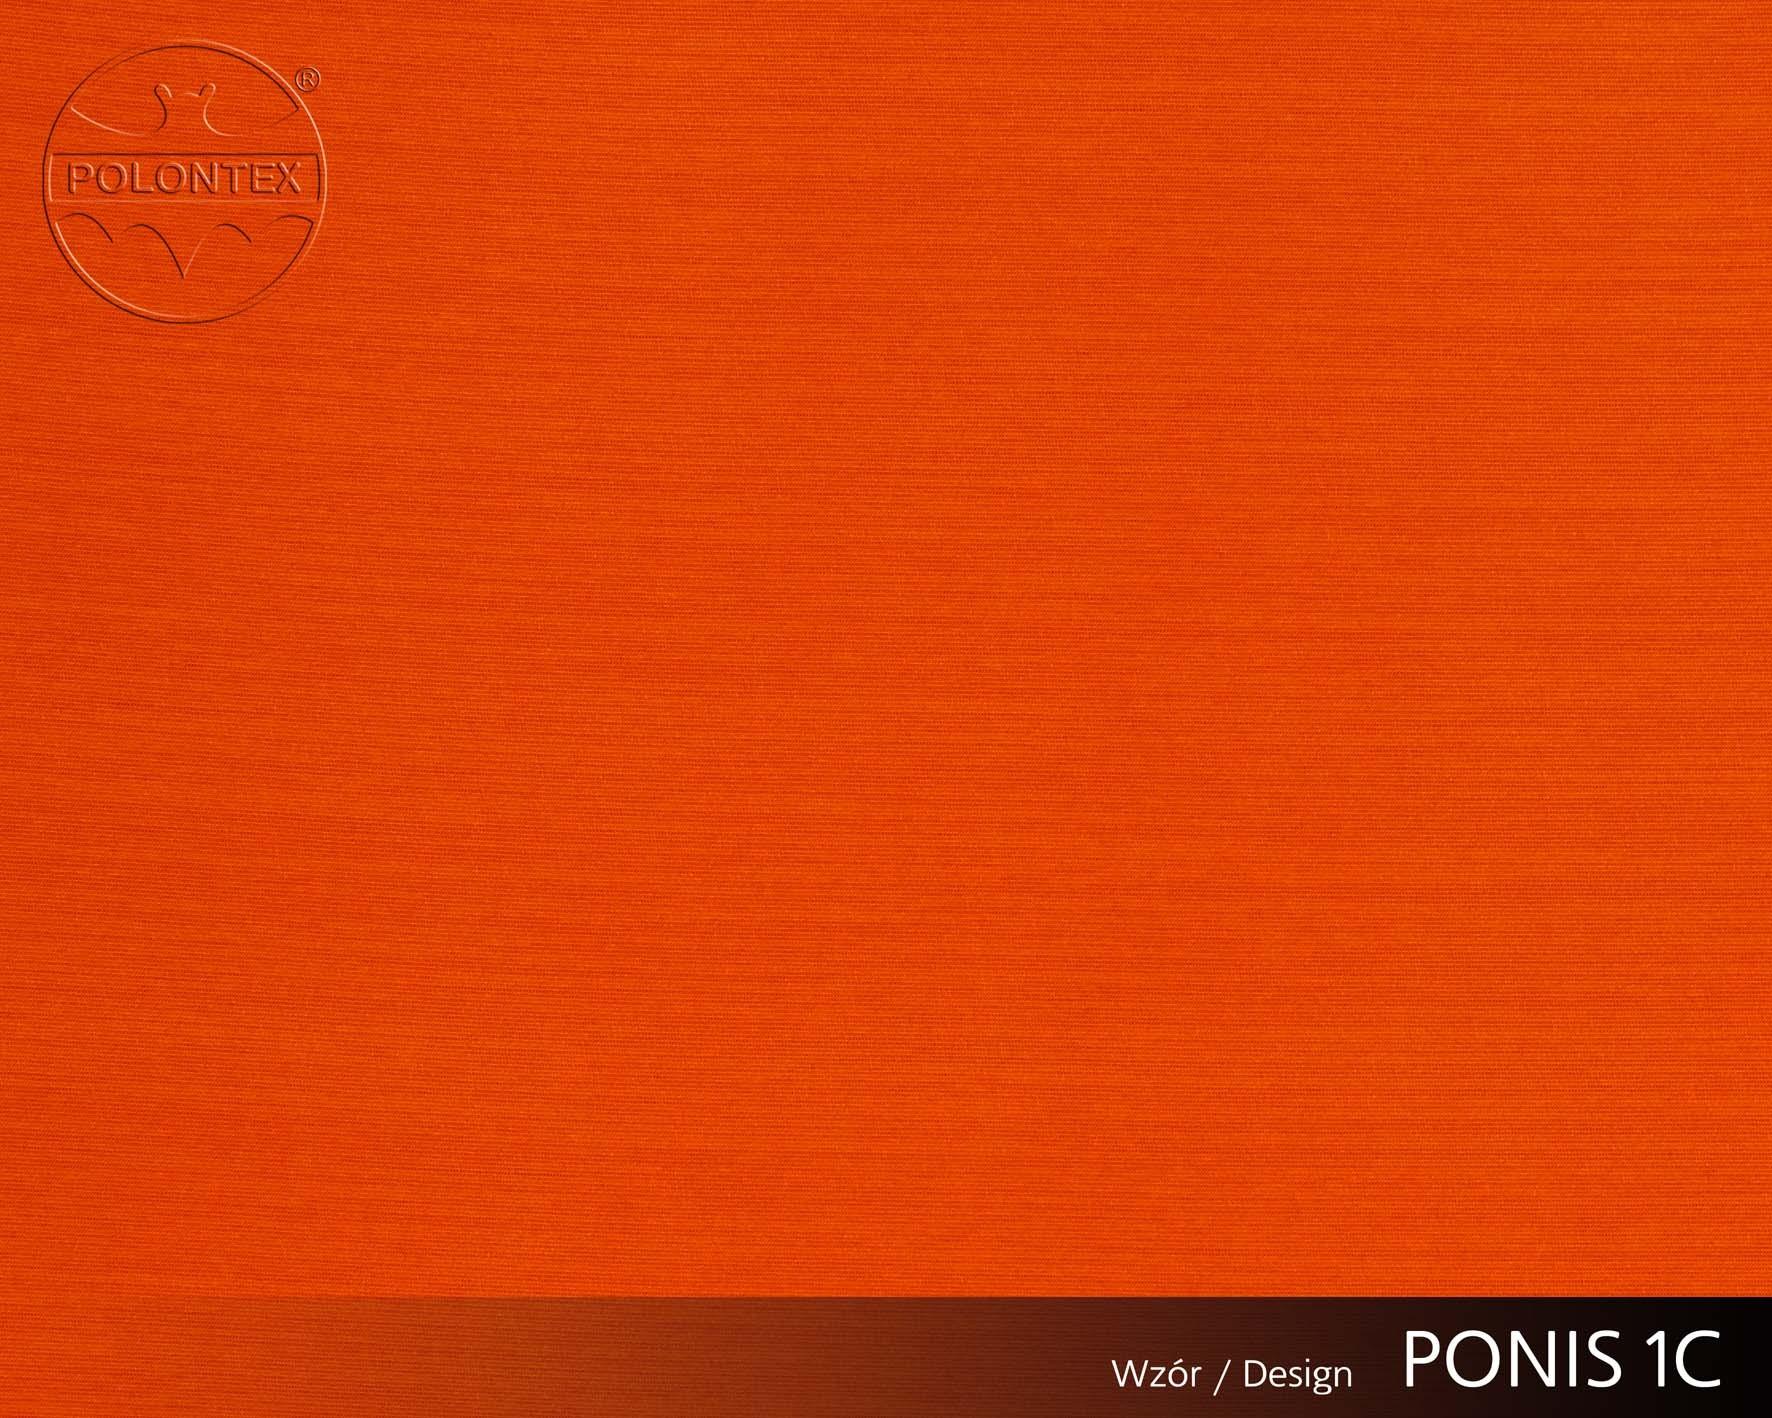 Ponis 1C 2387